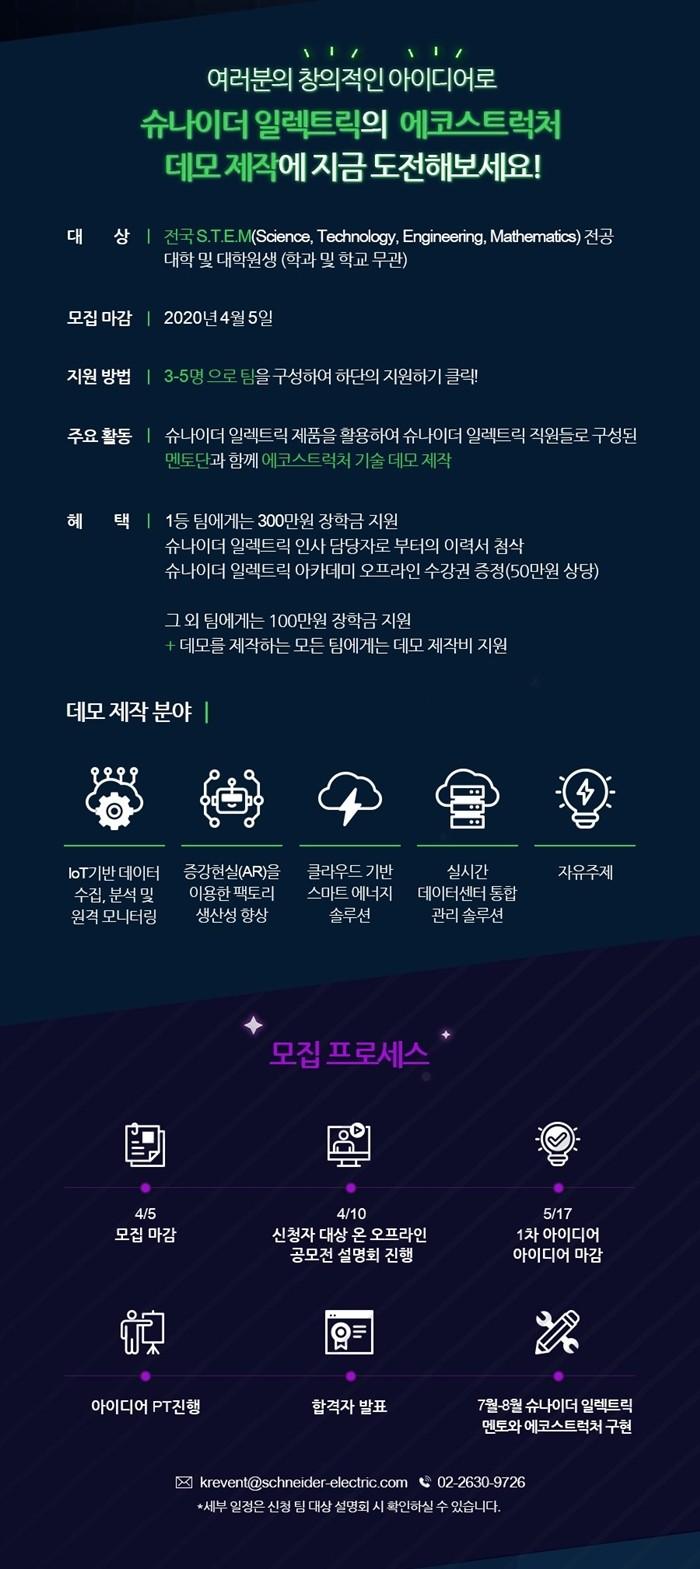 슈나이더 일렉트릭, '2020 에코스트럭처 데모 챌린지 공모전' 개최